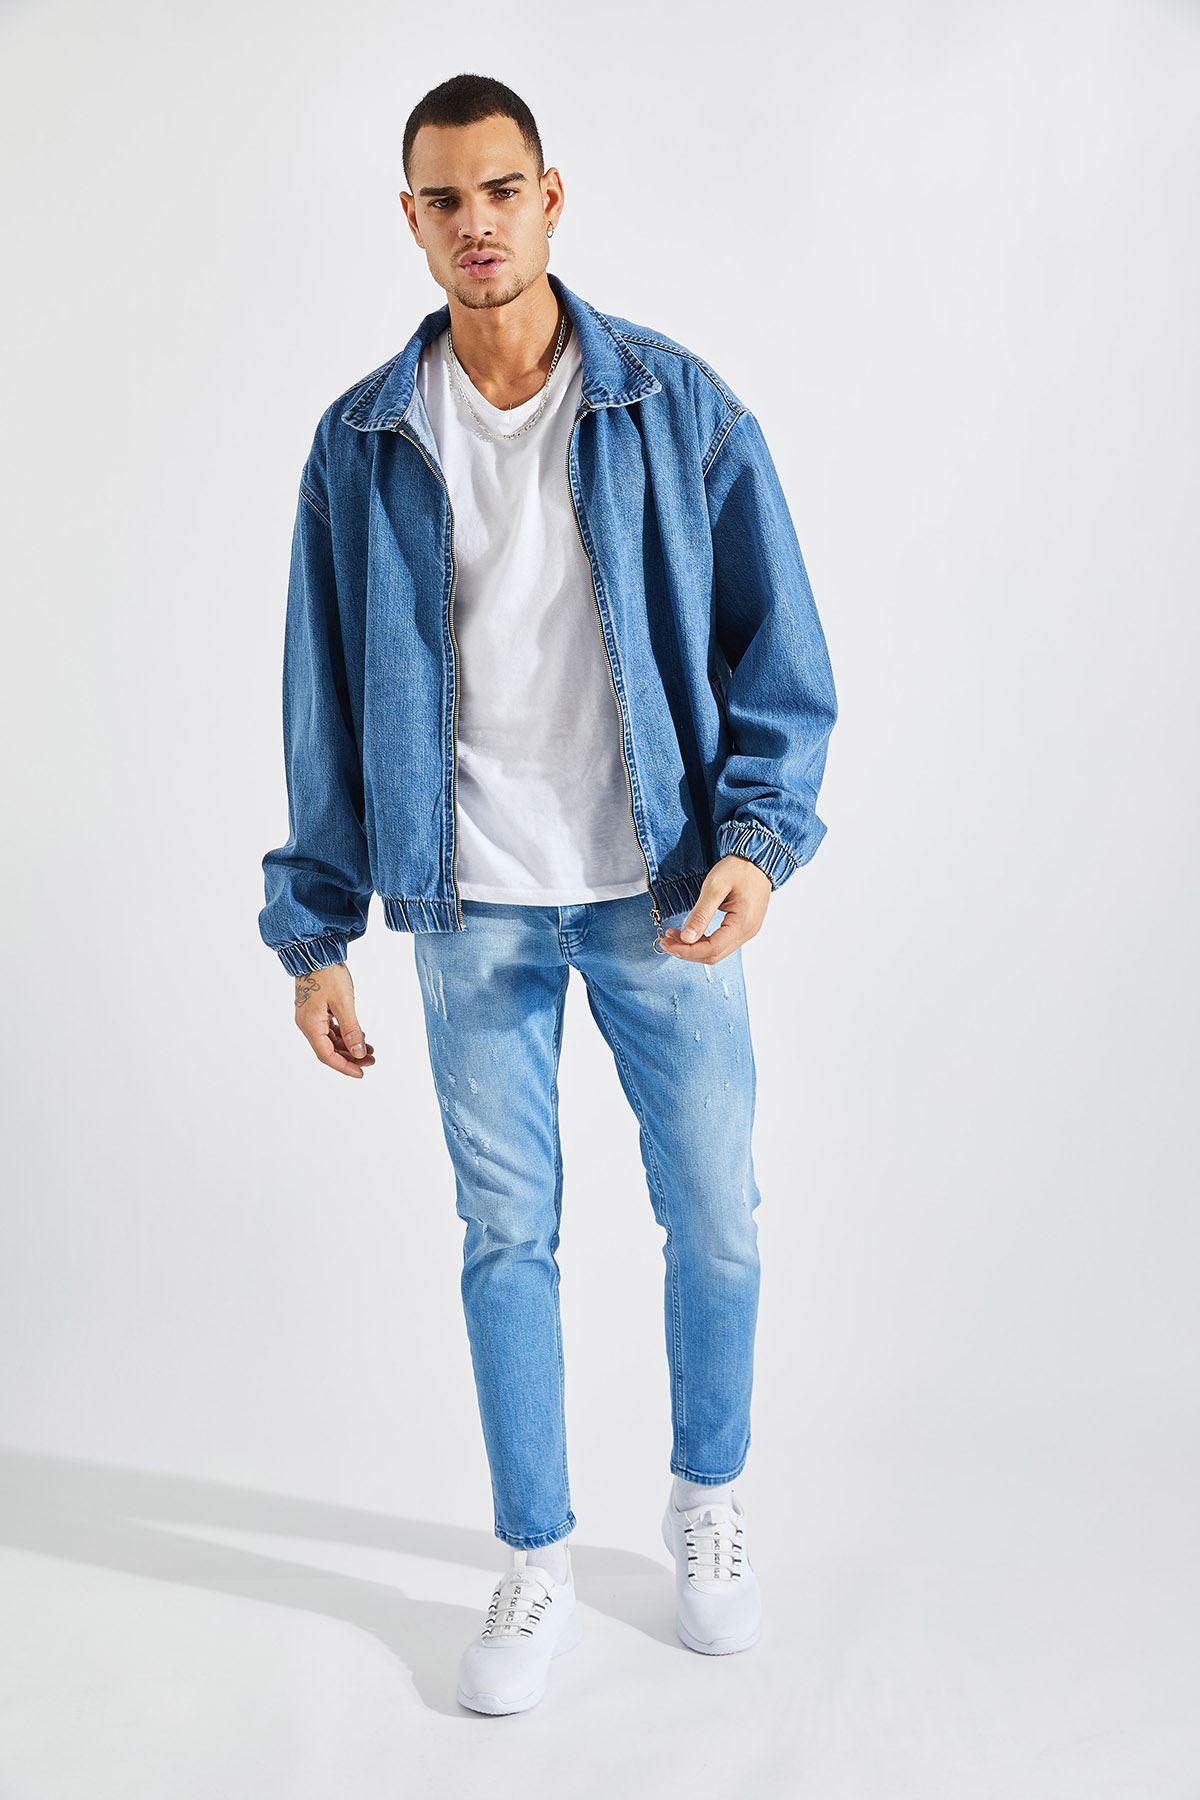 Erkek Oversize Mavi Kot Mont